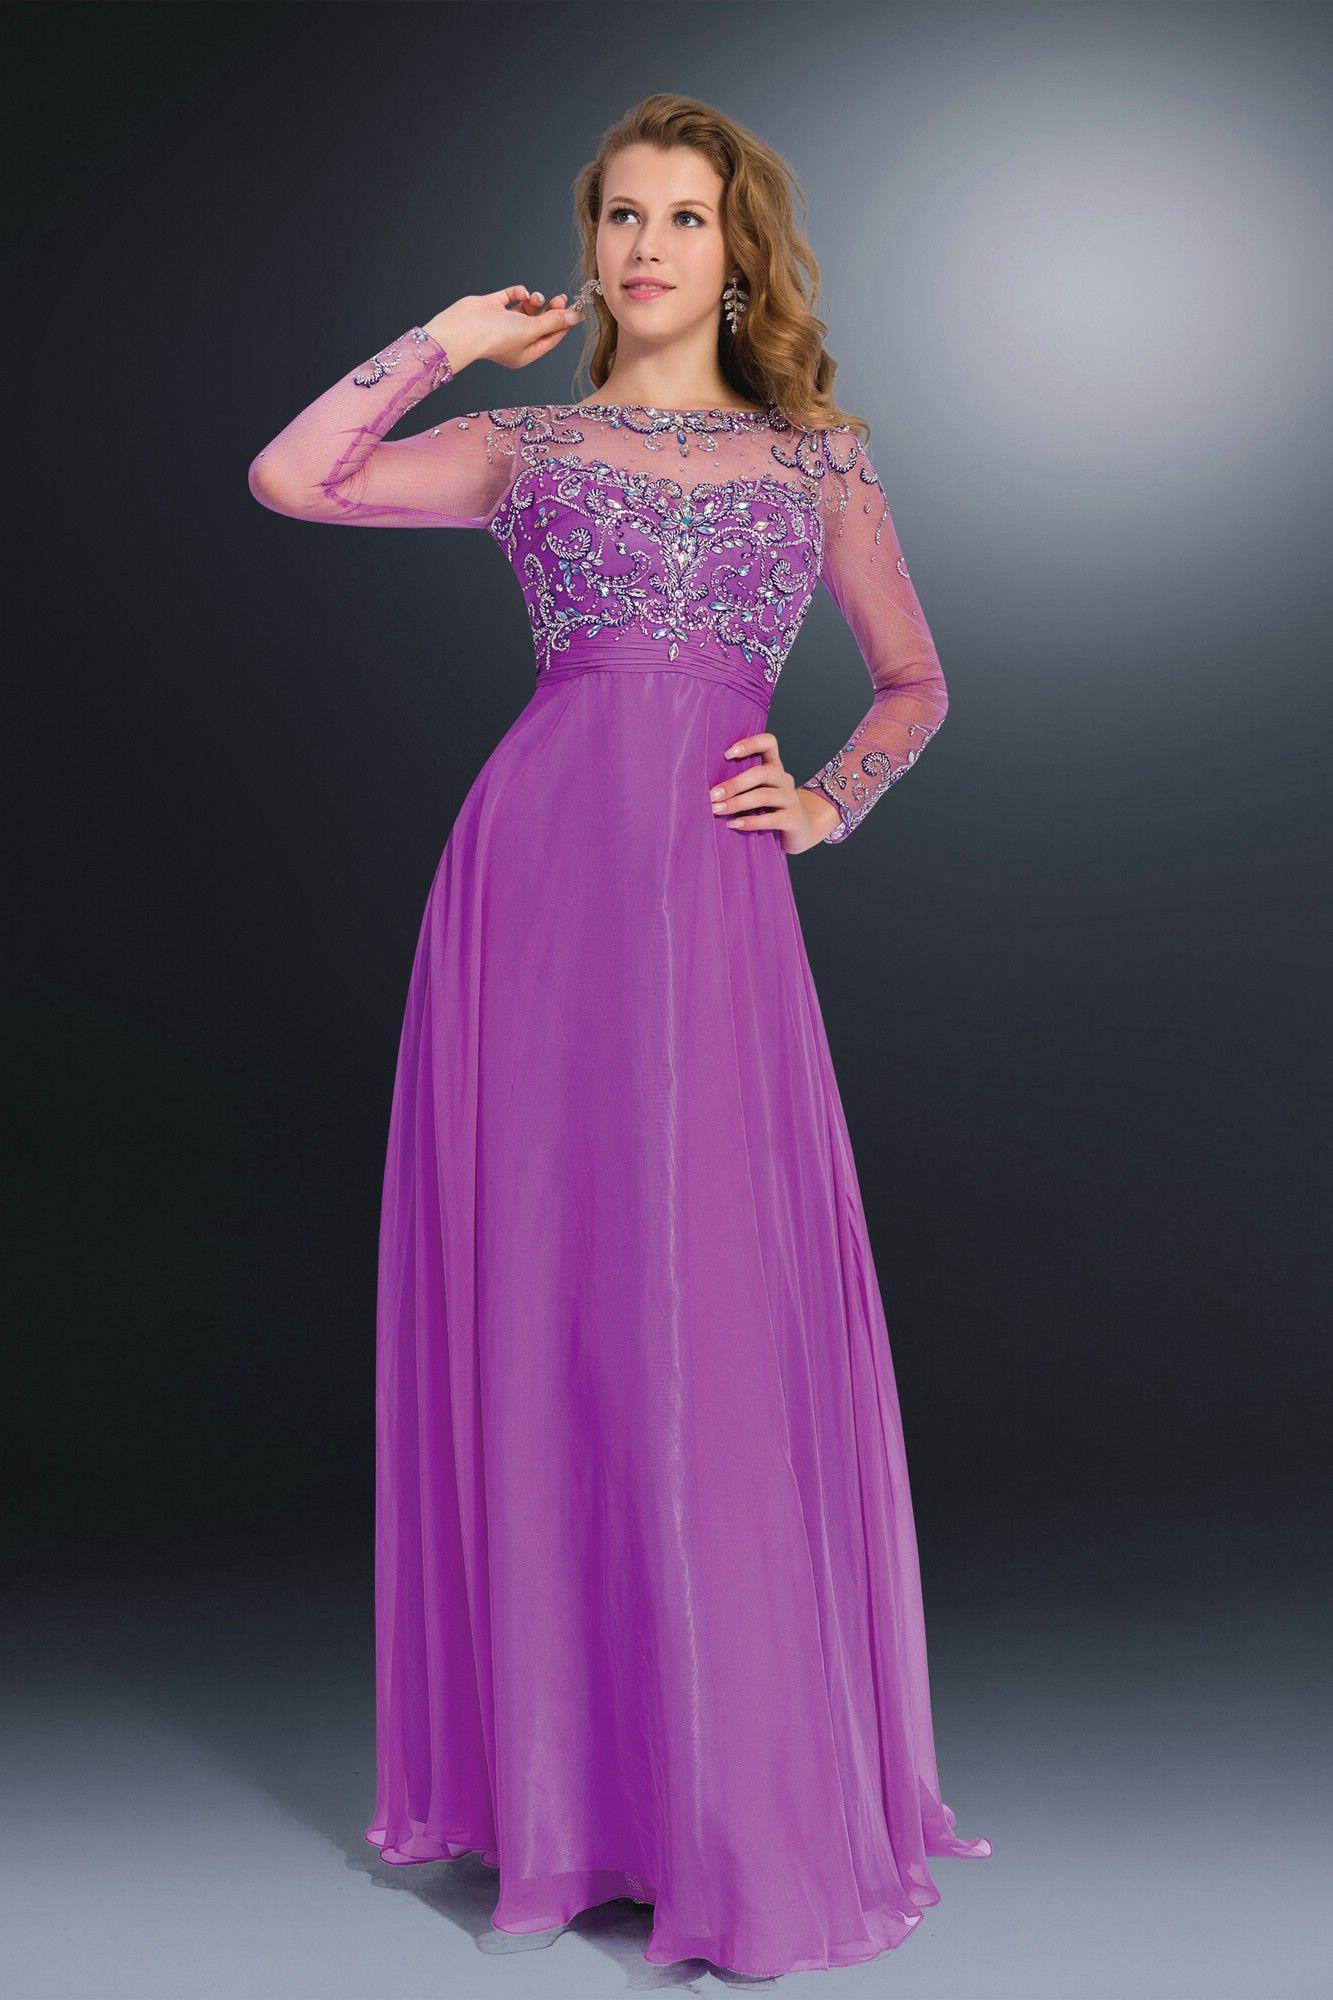 Bodycon dresses uk sale